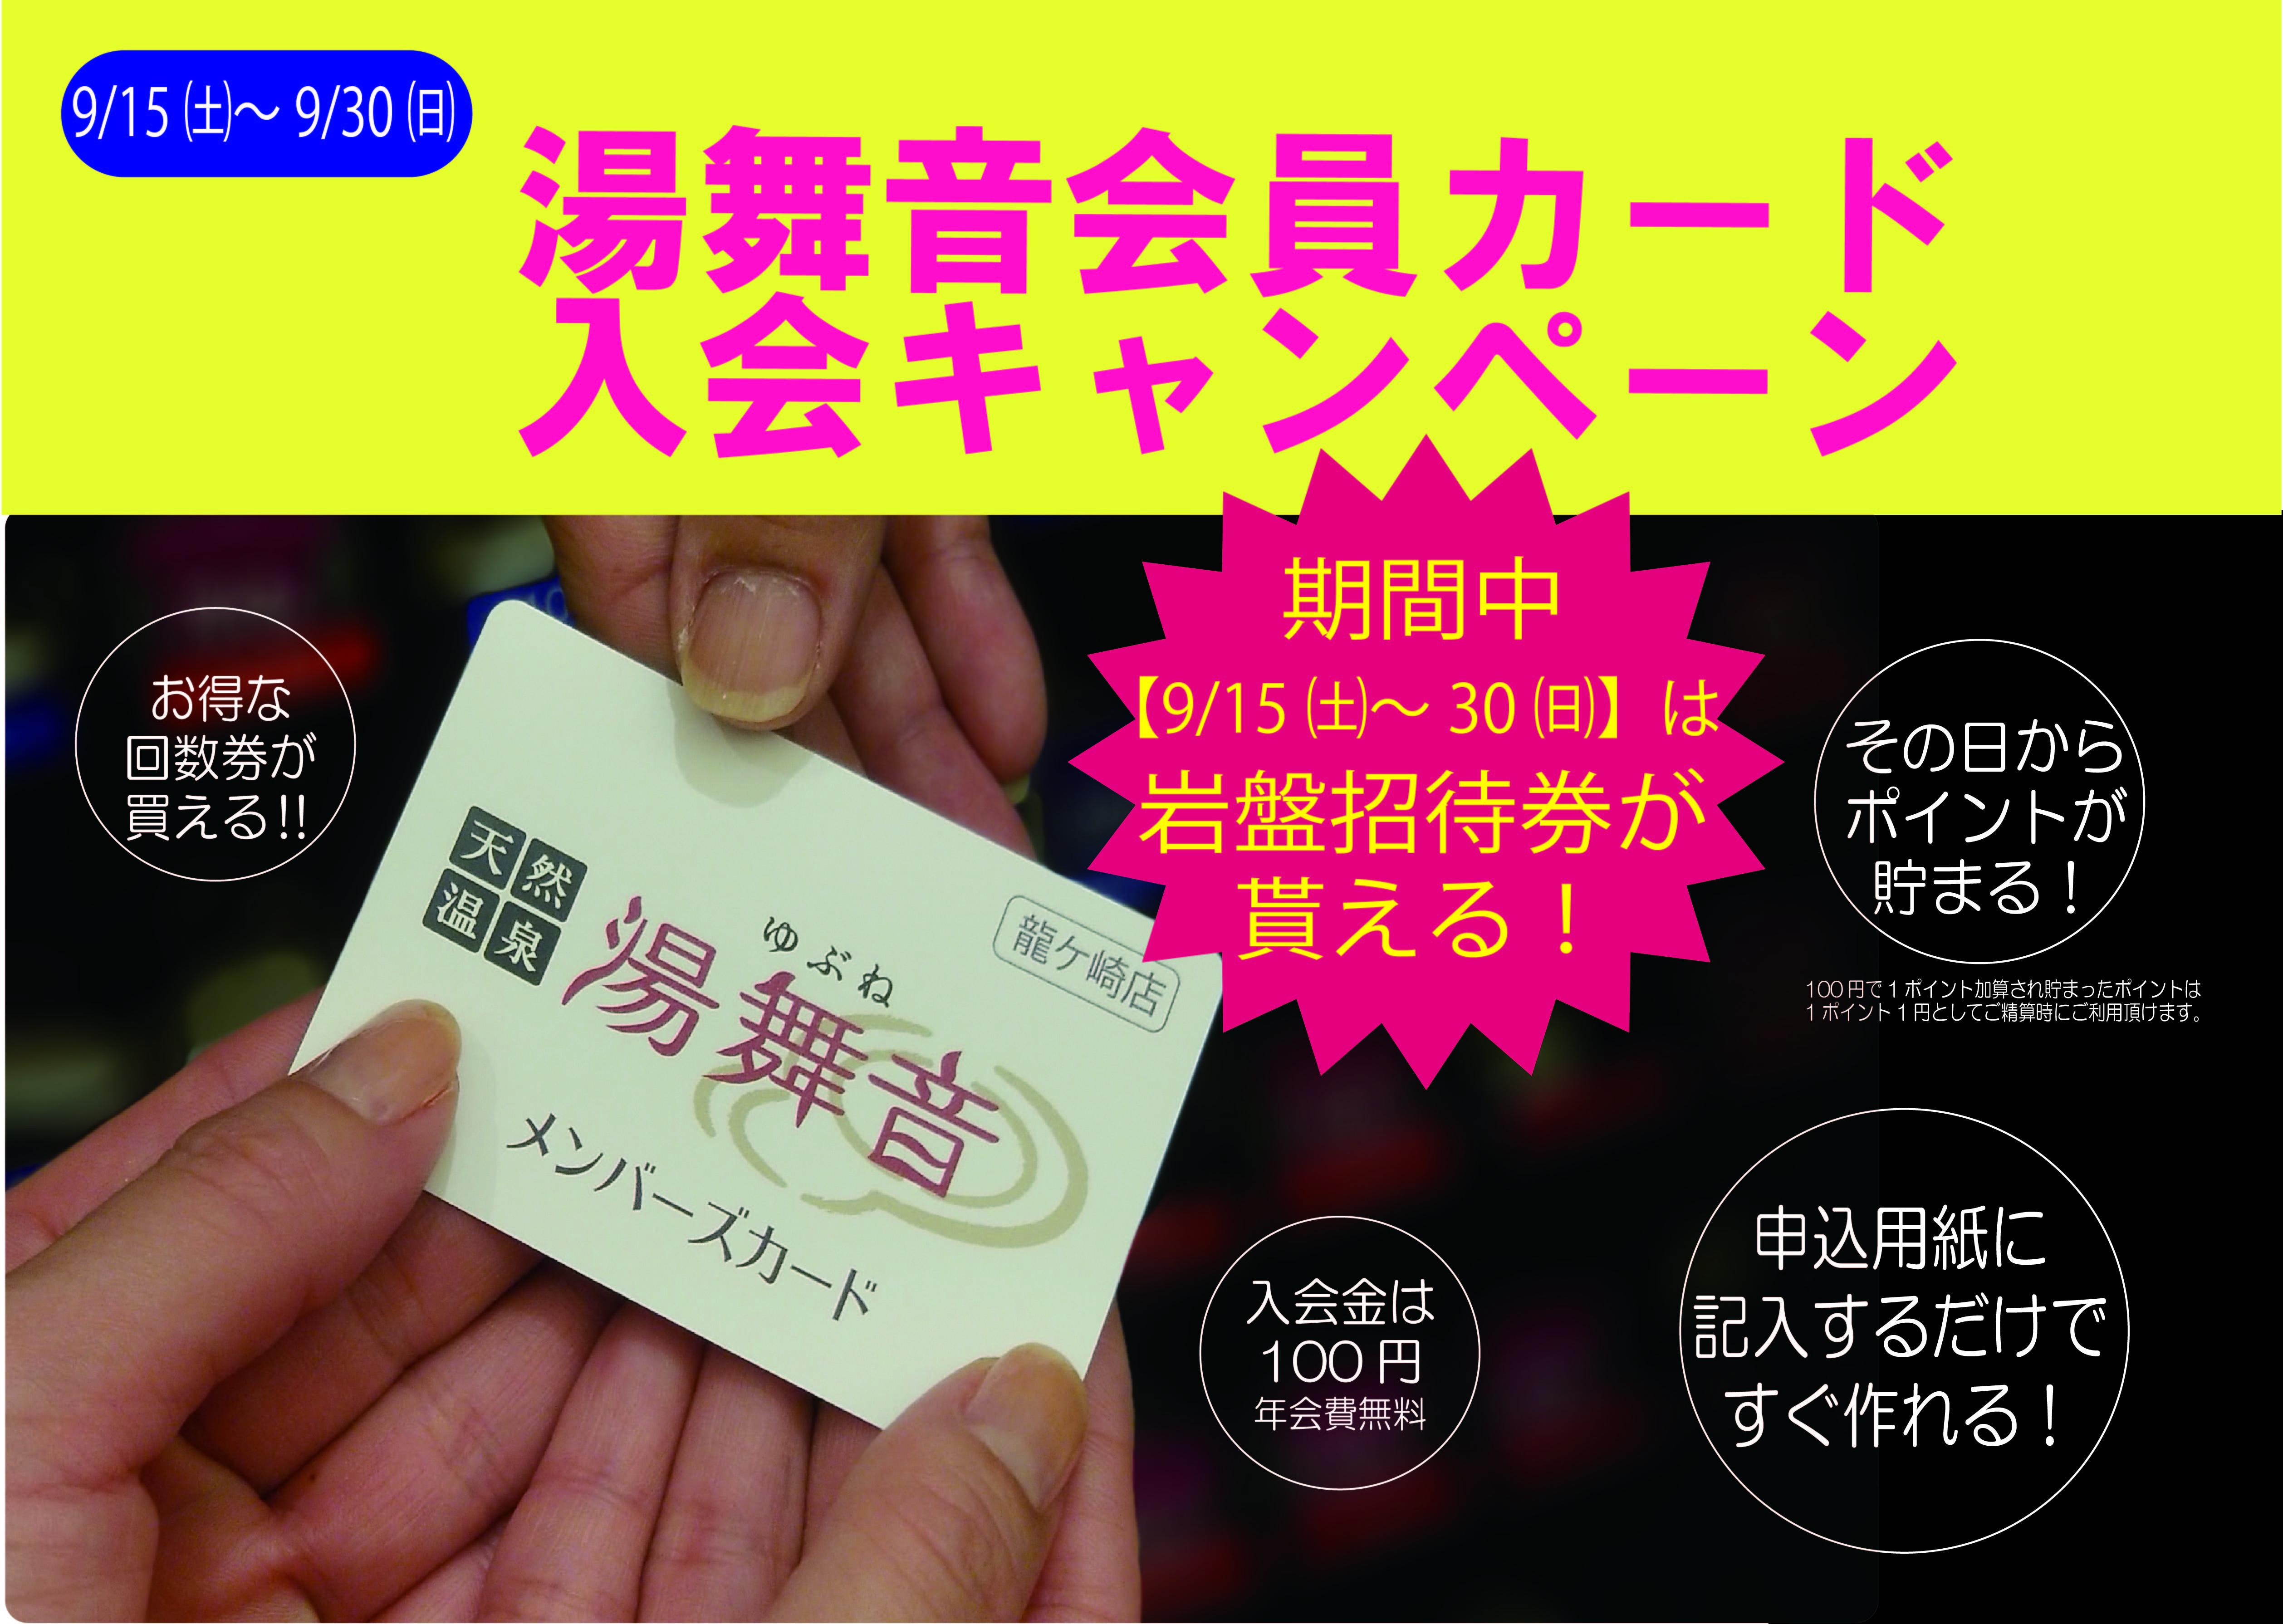 会員カード入会キャンペーン!!